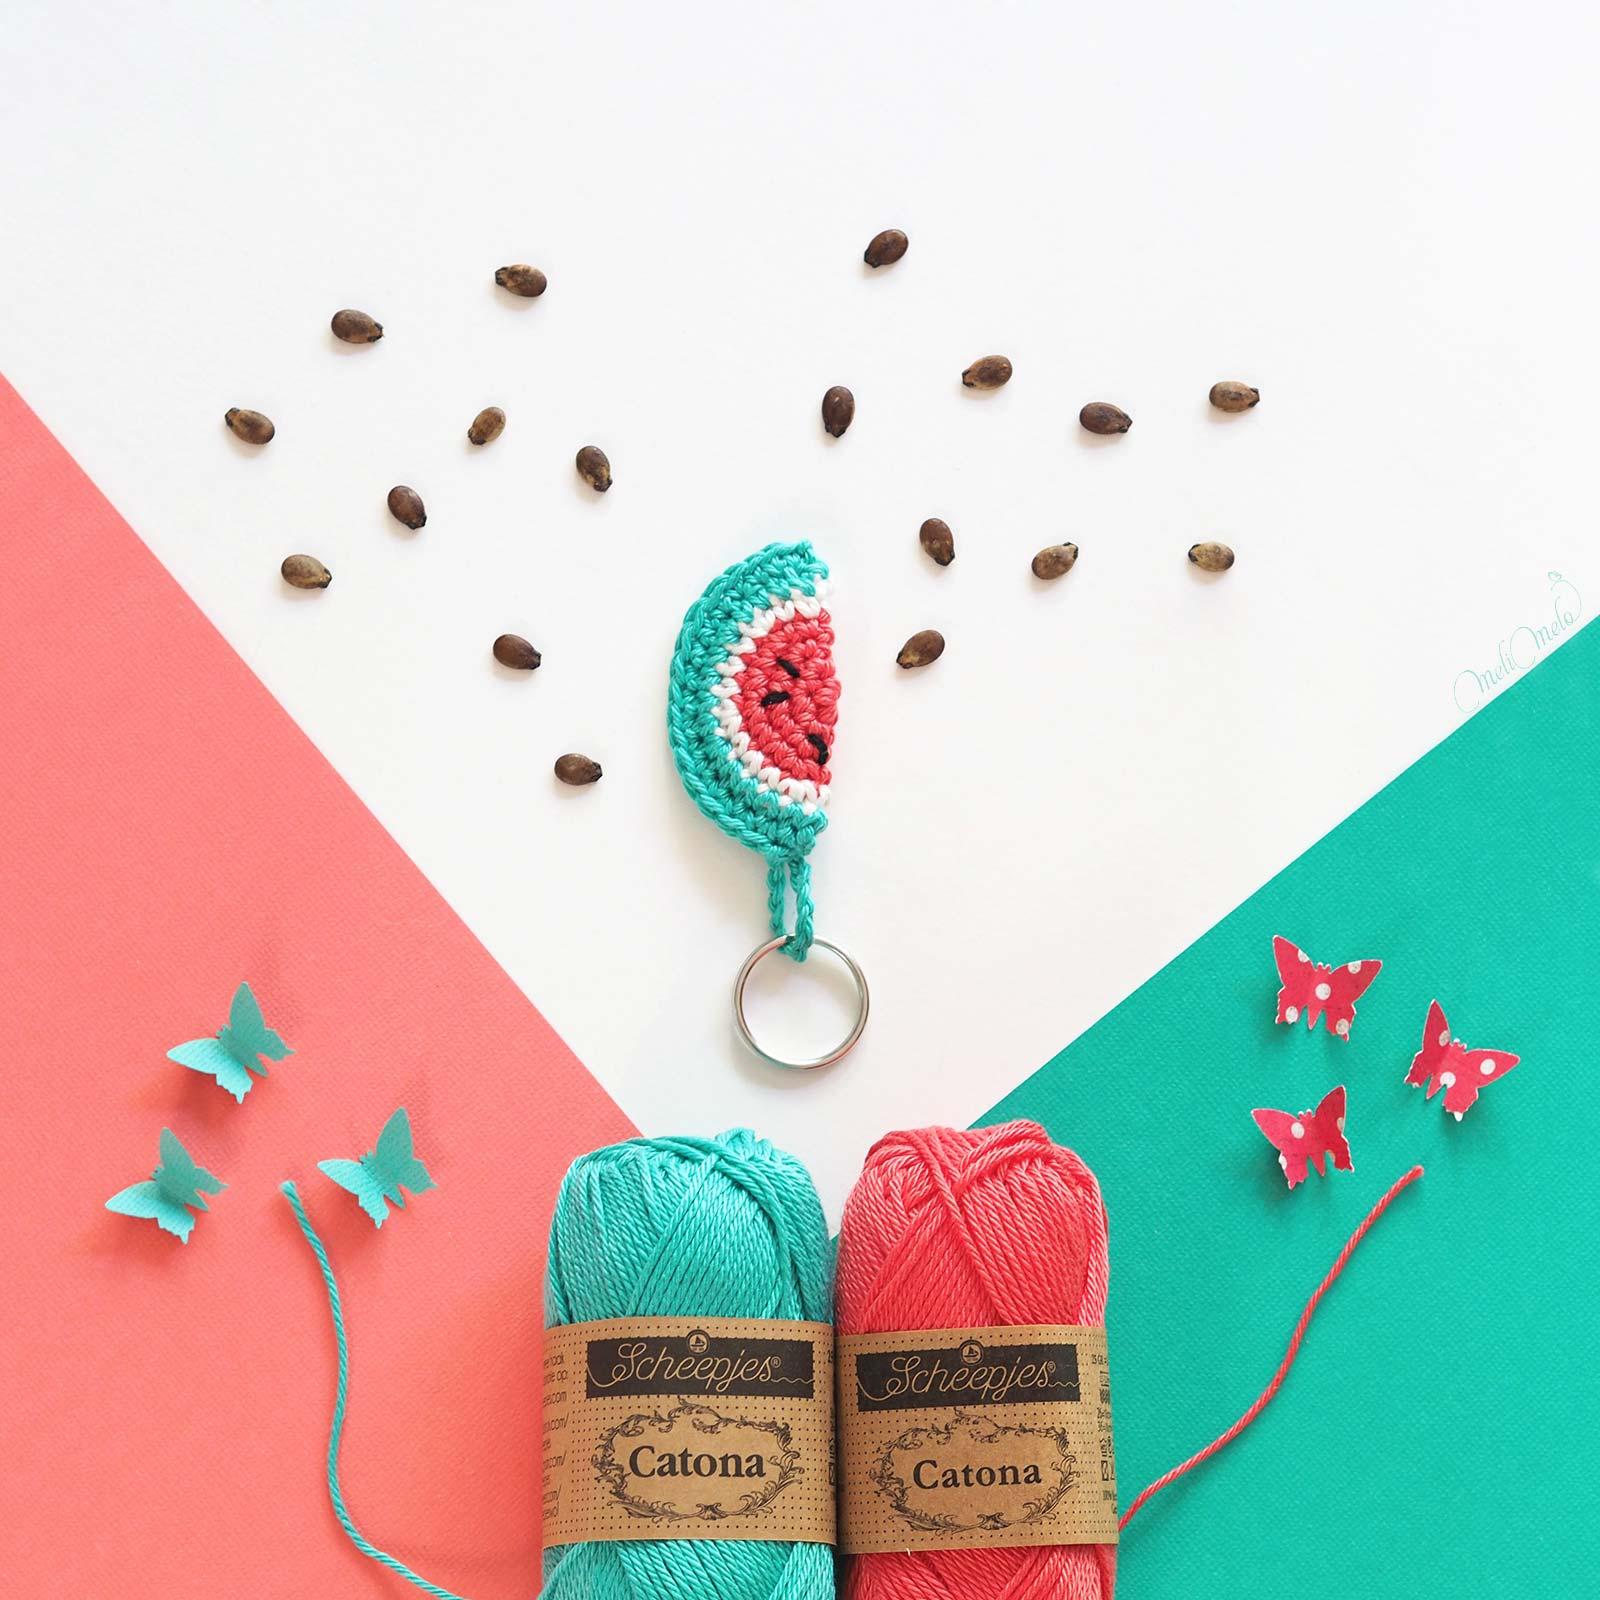 crochet inspiration pastèque watermelon summer Scheepjes Catona laboutiquedemelimelo